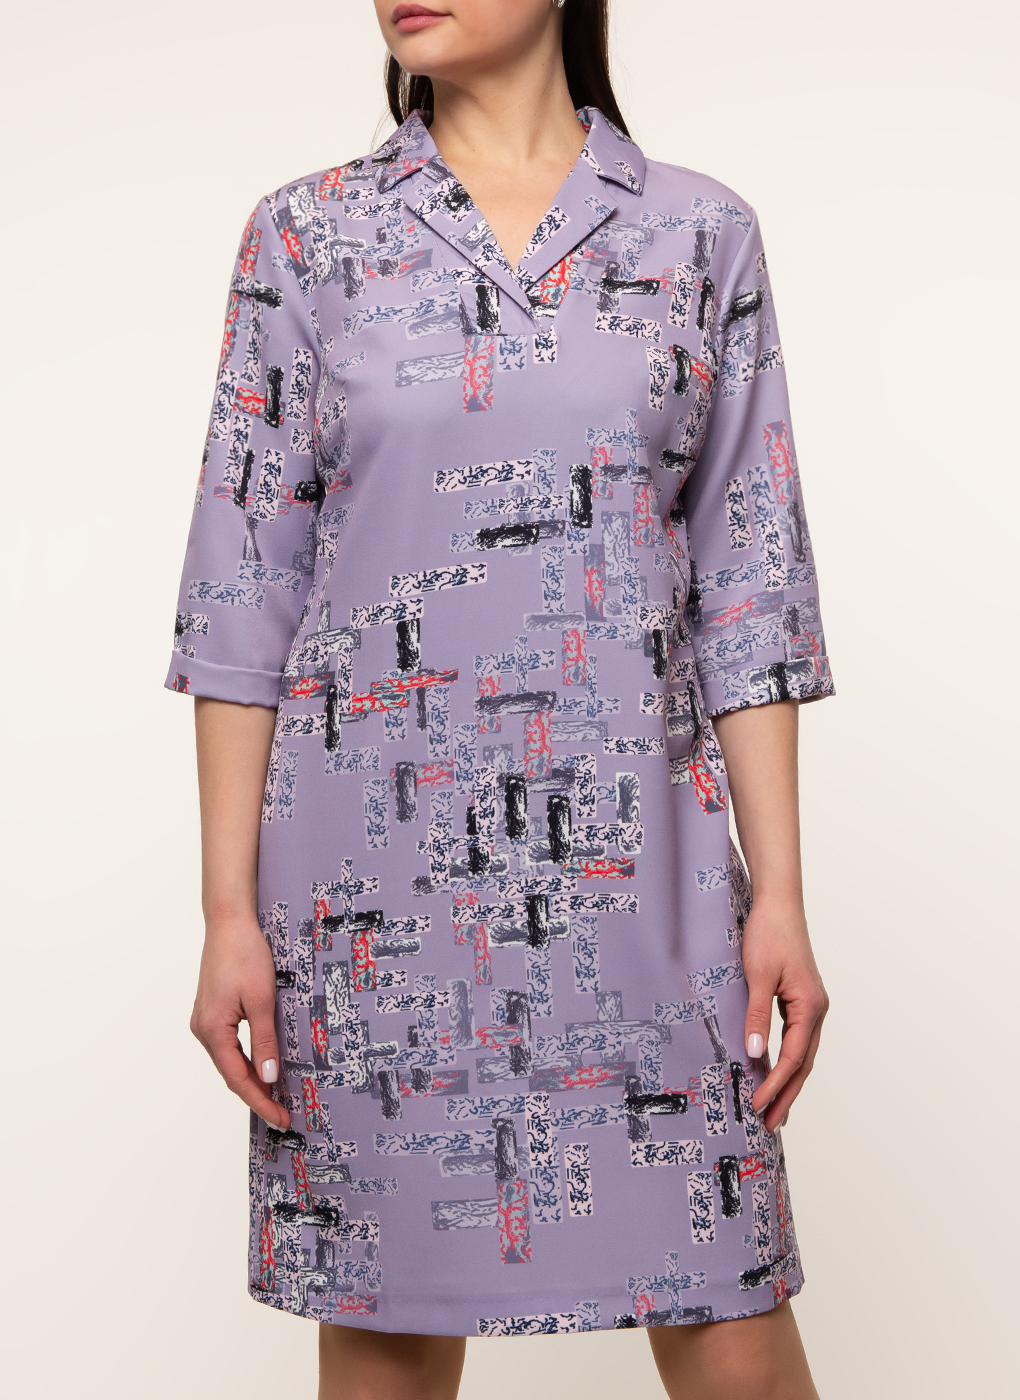 Платье приталенное 31, Viserdi фото